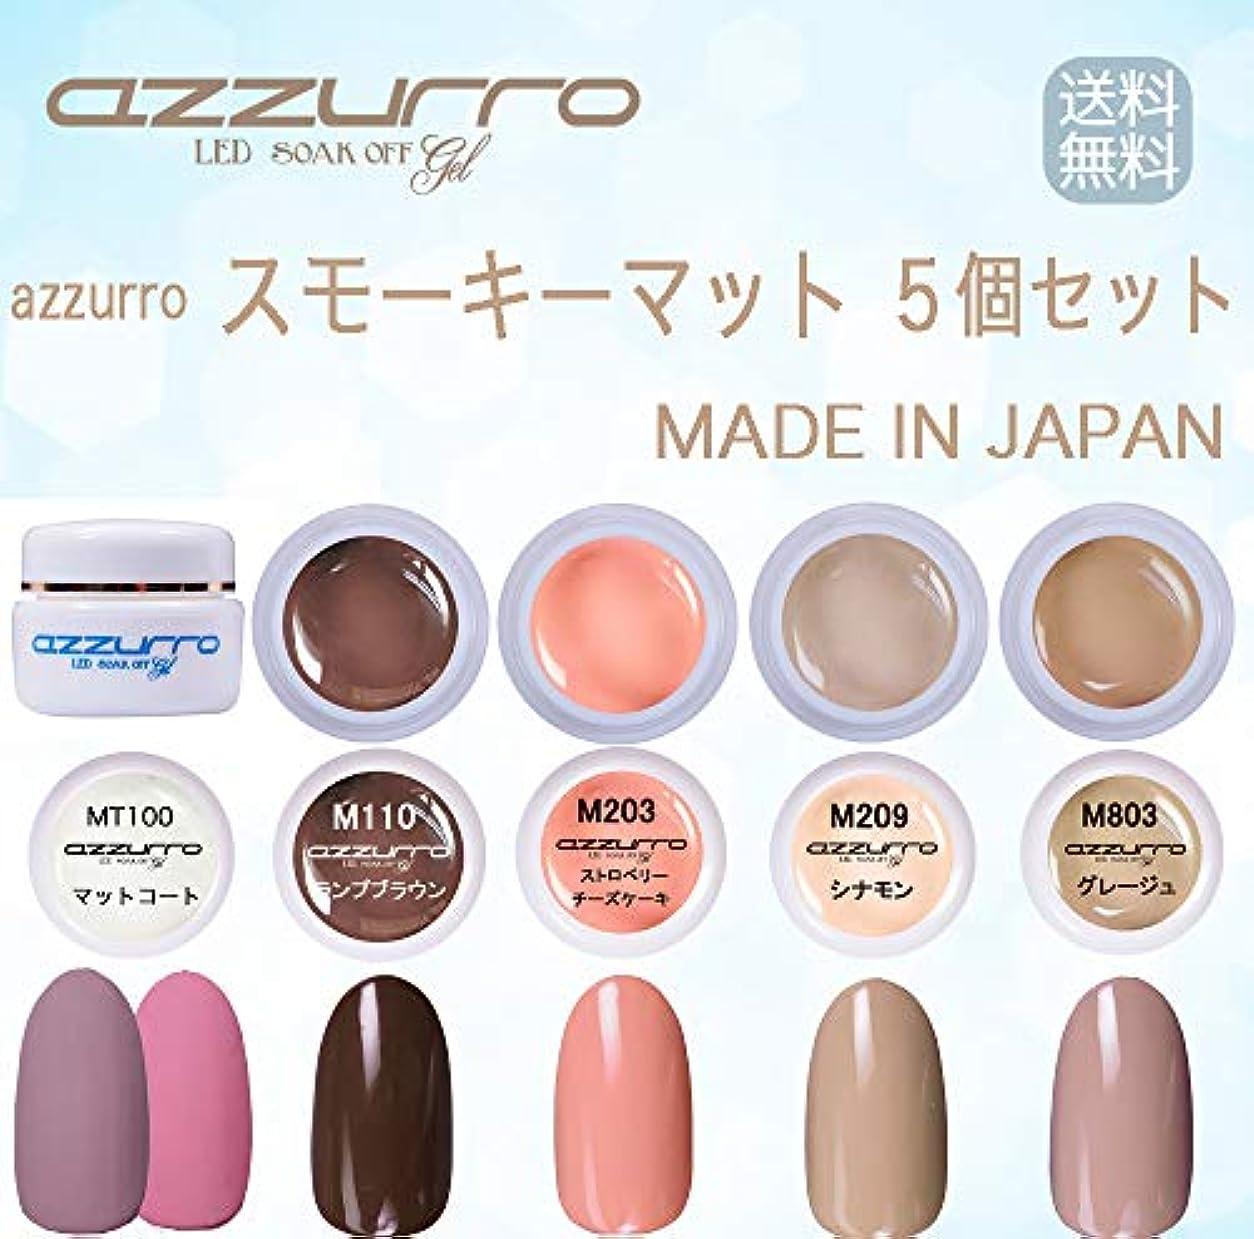 大人運営姿を消す【送料無料】日本製 azzurro gel スモーキーマットカラージェル5個セット トレンドネイルのマストアイテムのマットトップ